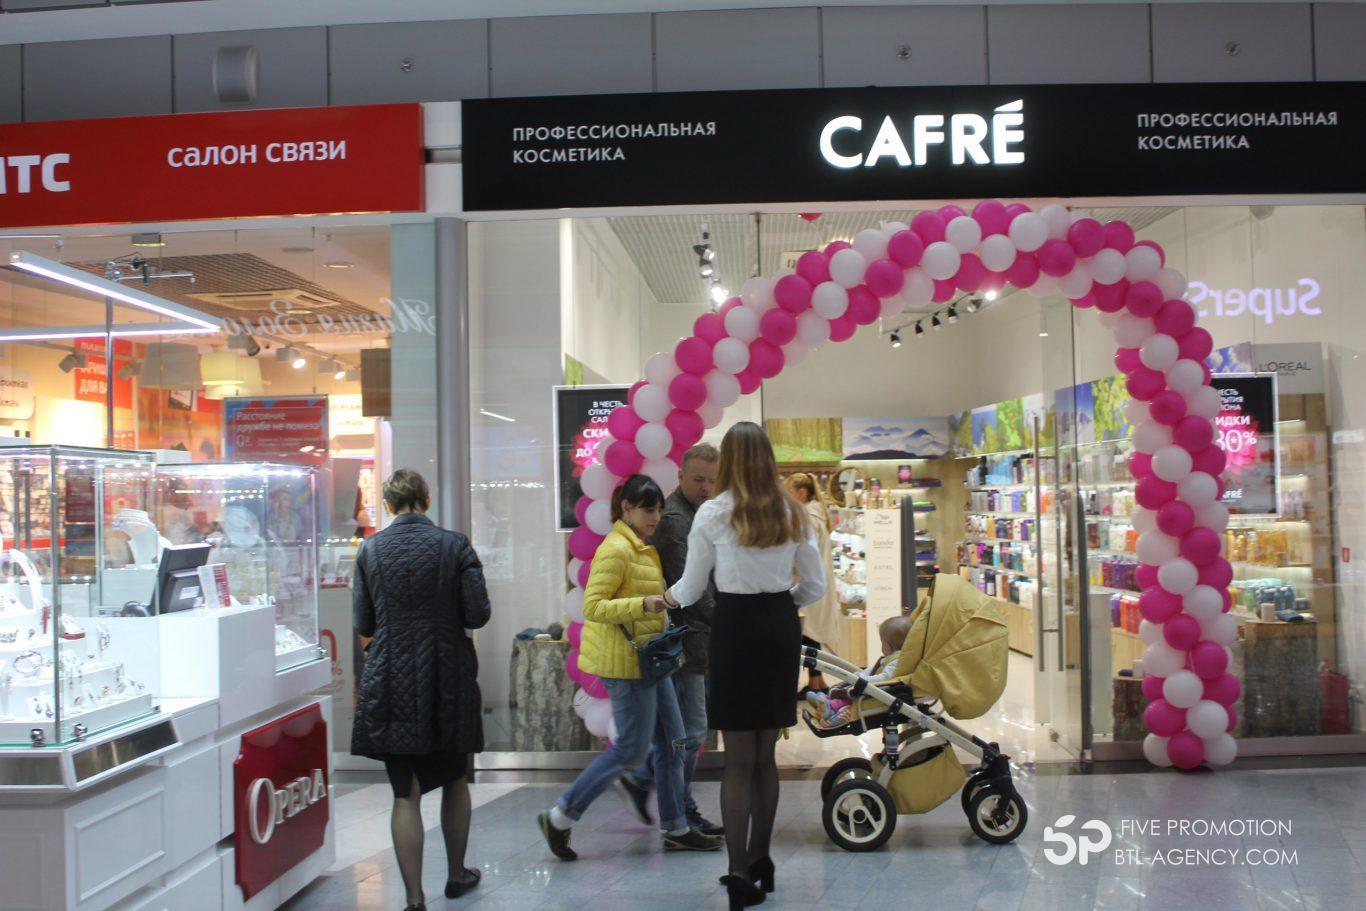 , Открытие магазина CAFRE профессиональная косметика